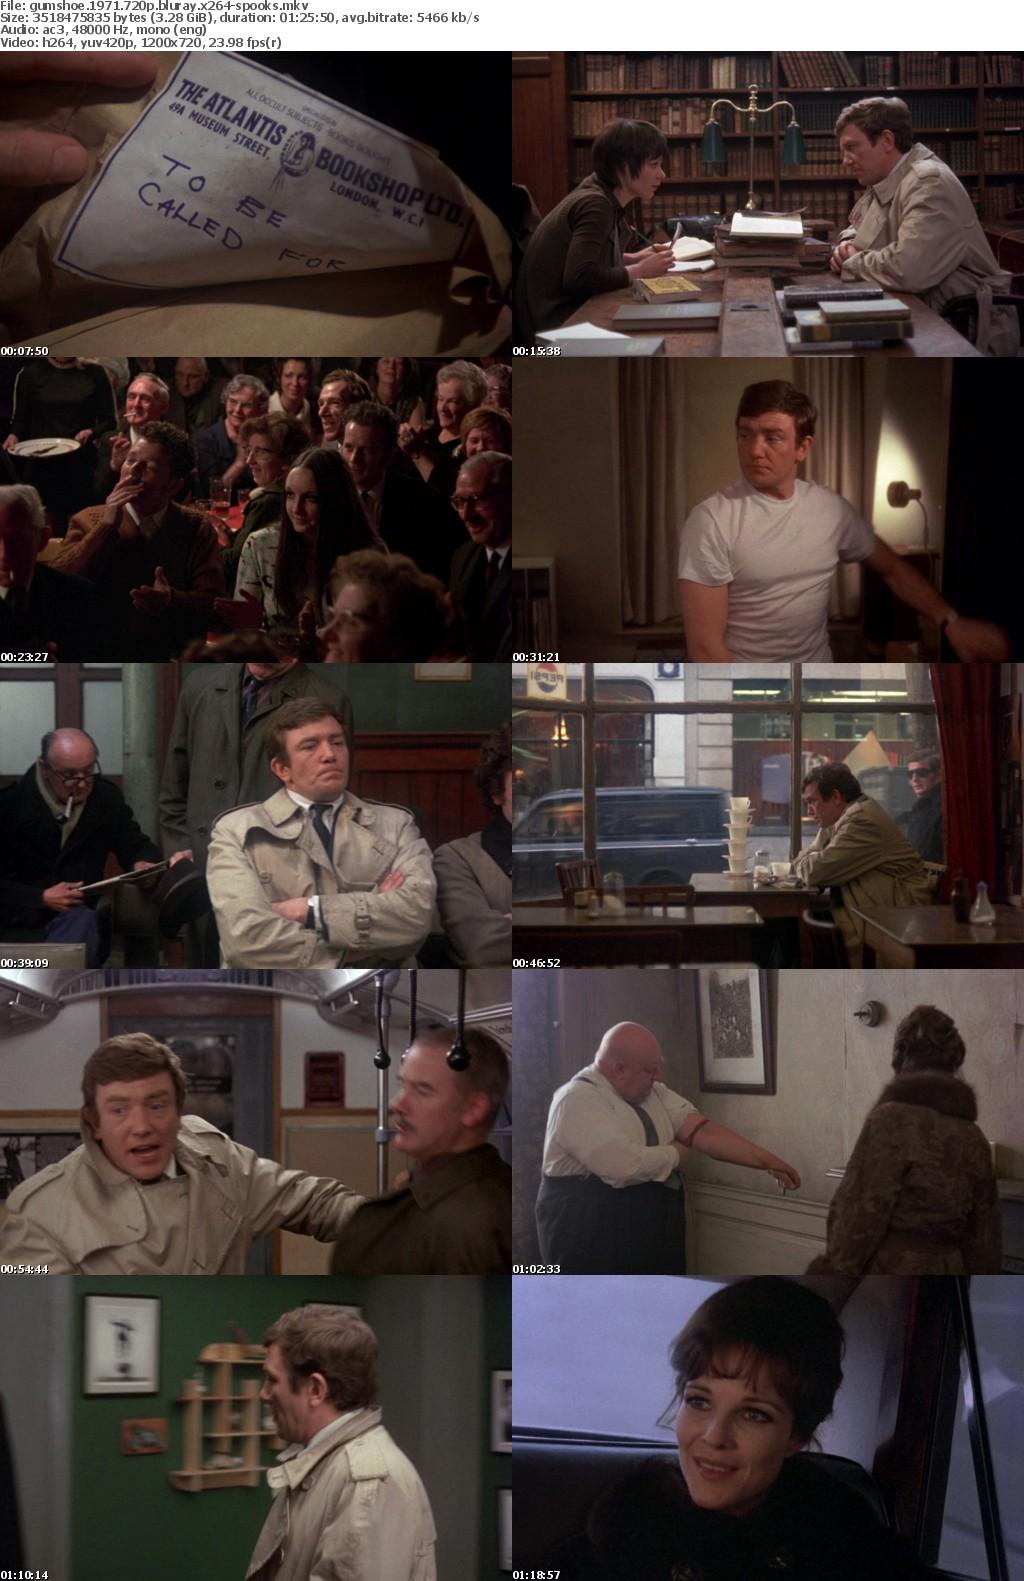 Gumshoe 1971 720p BluRay x264-SPOOKS